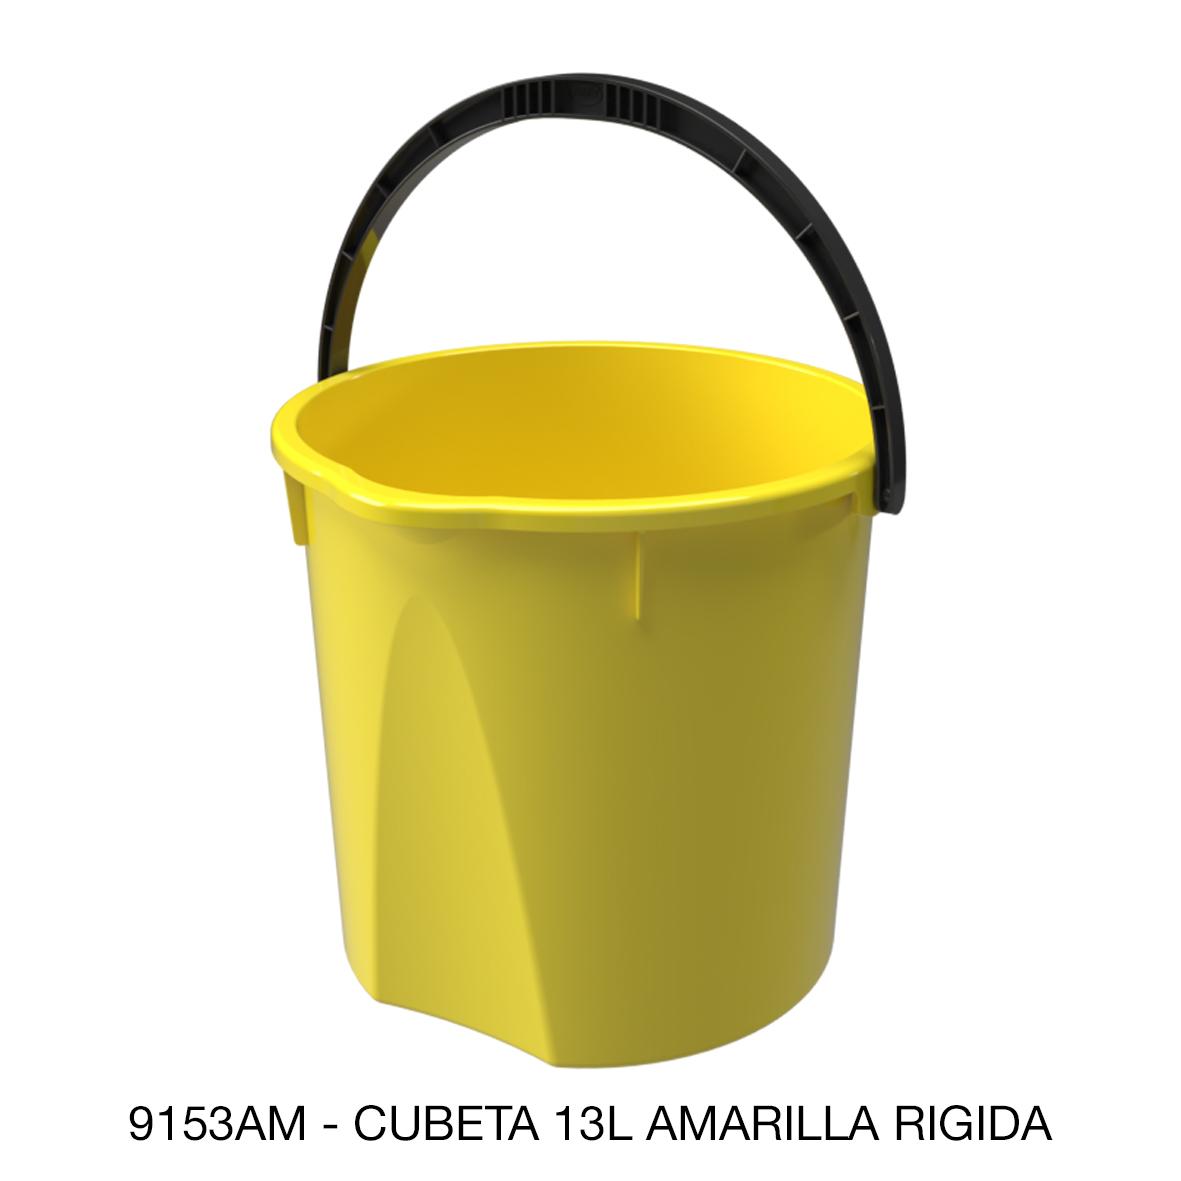 Cubeta rígida de 13 litros color amarillo modelo 9153AM de Sablón